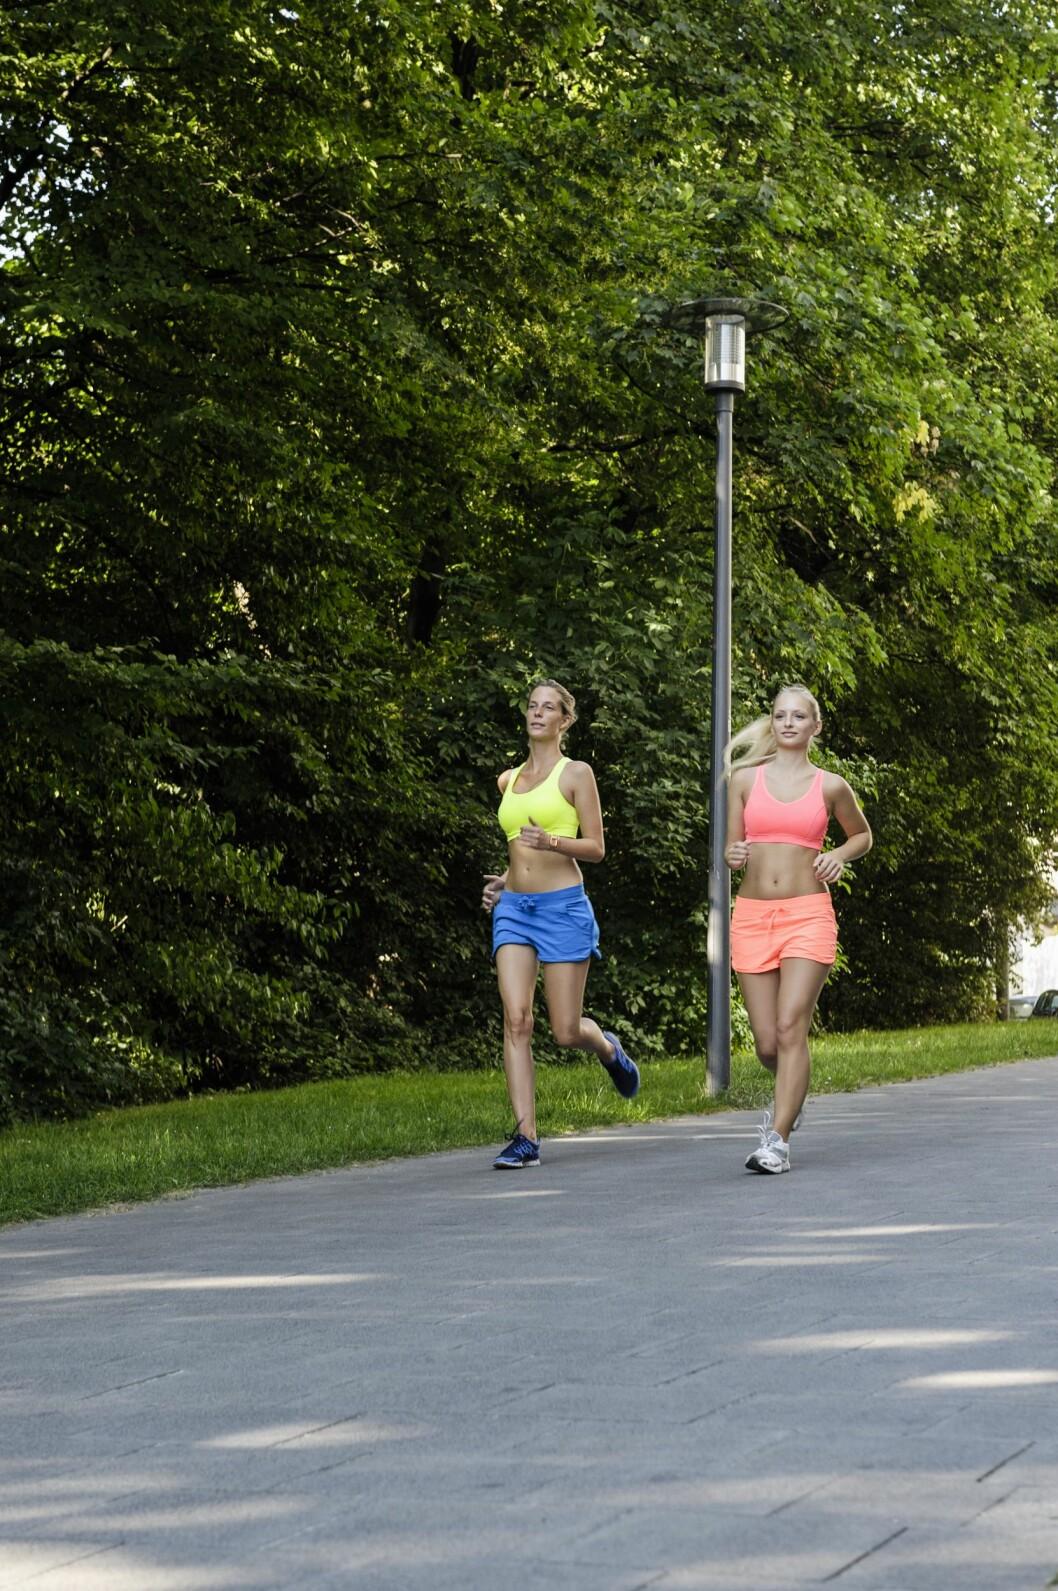 HARDT: Asfalt er det desidert hardeste underlaget du kan løpe på, og særlig nybegynnere bør være forsiktig for å unngå skader. Foto: (c) suedhang/Corbis/All Over Press